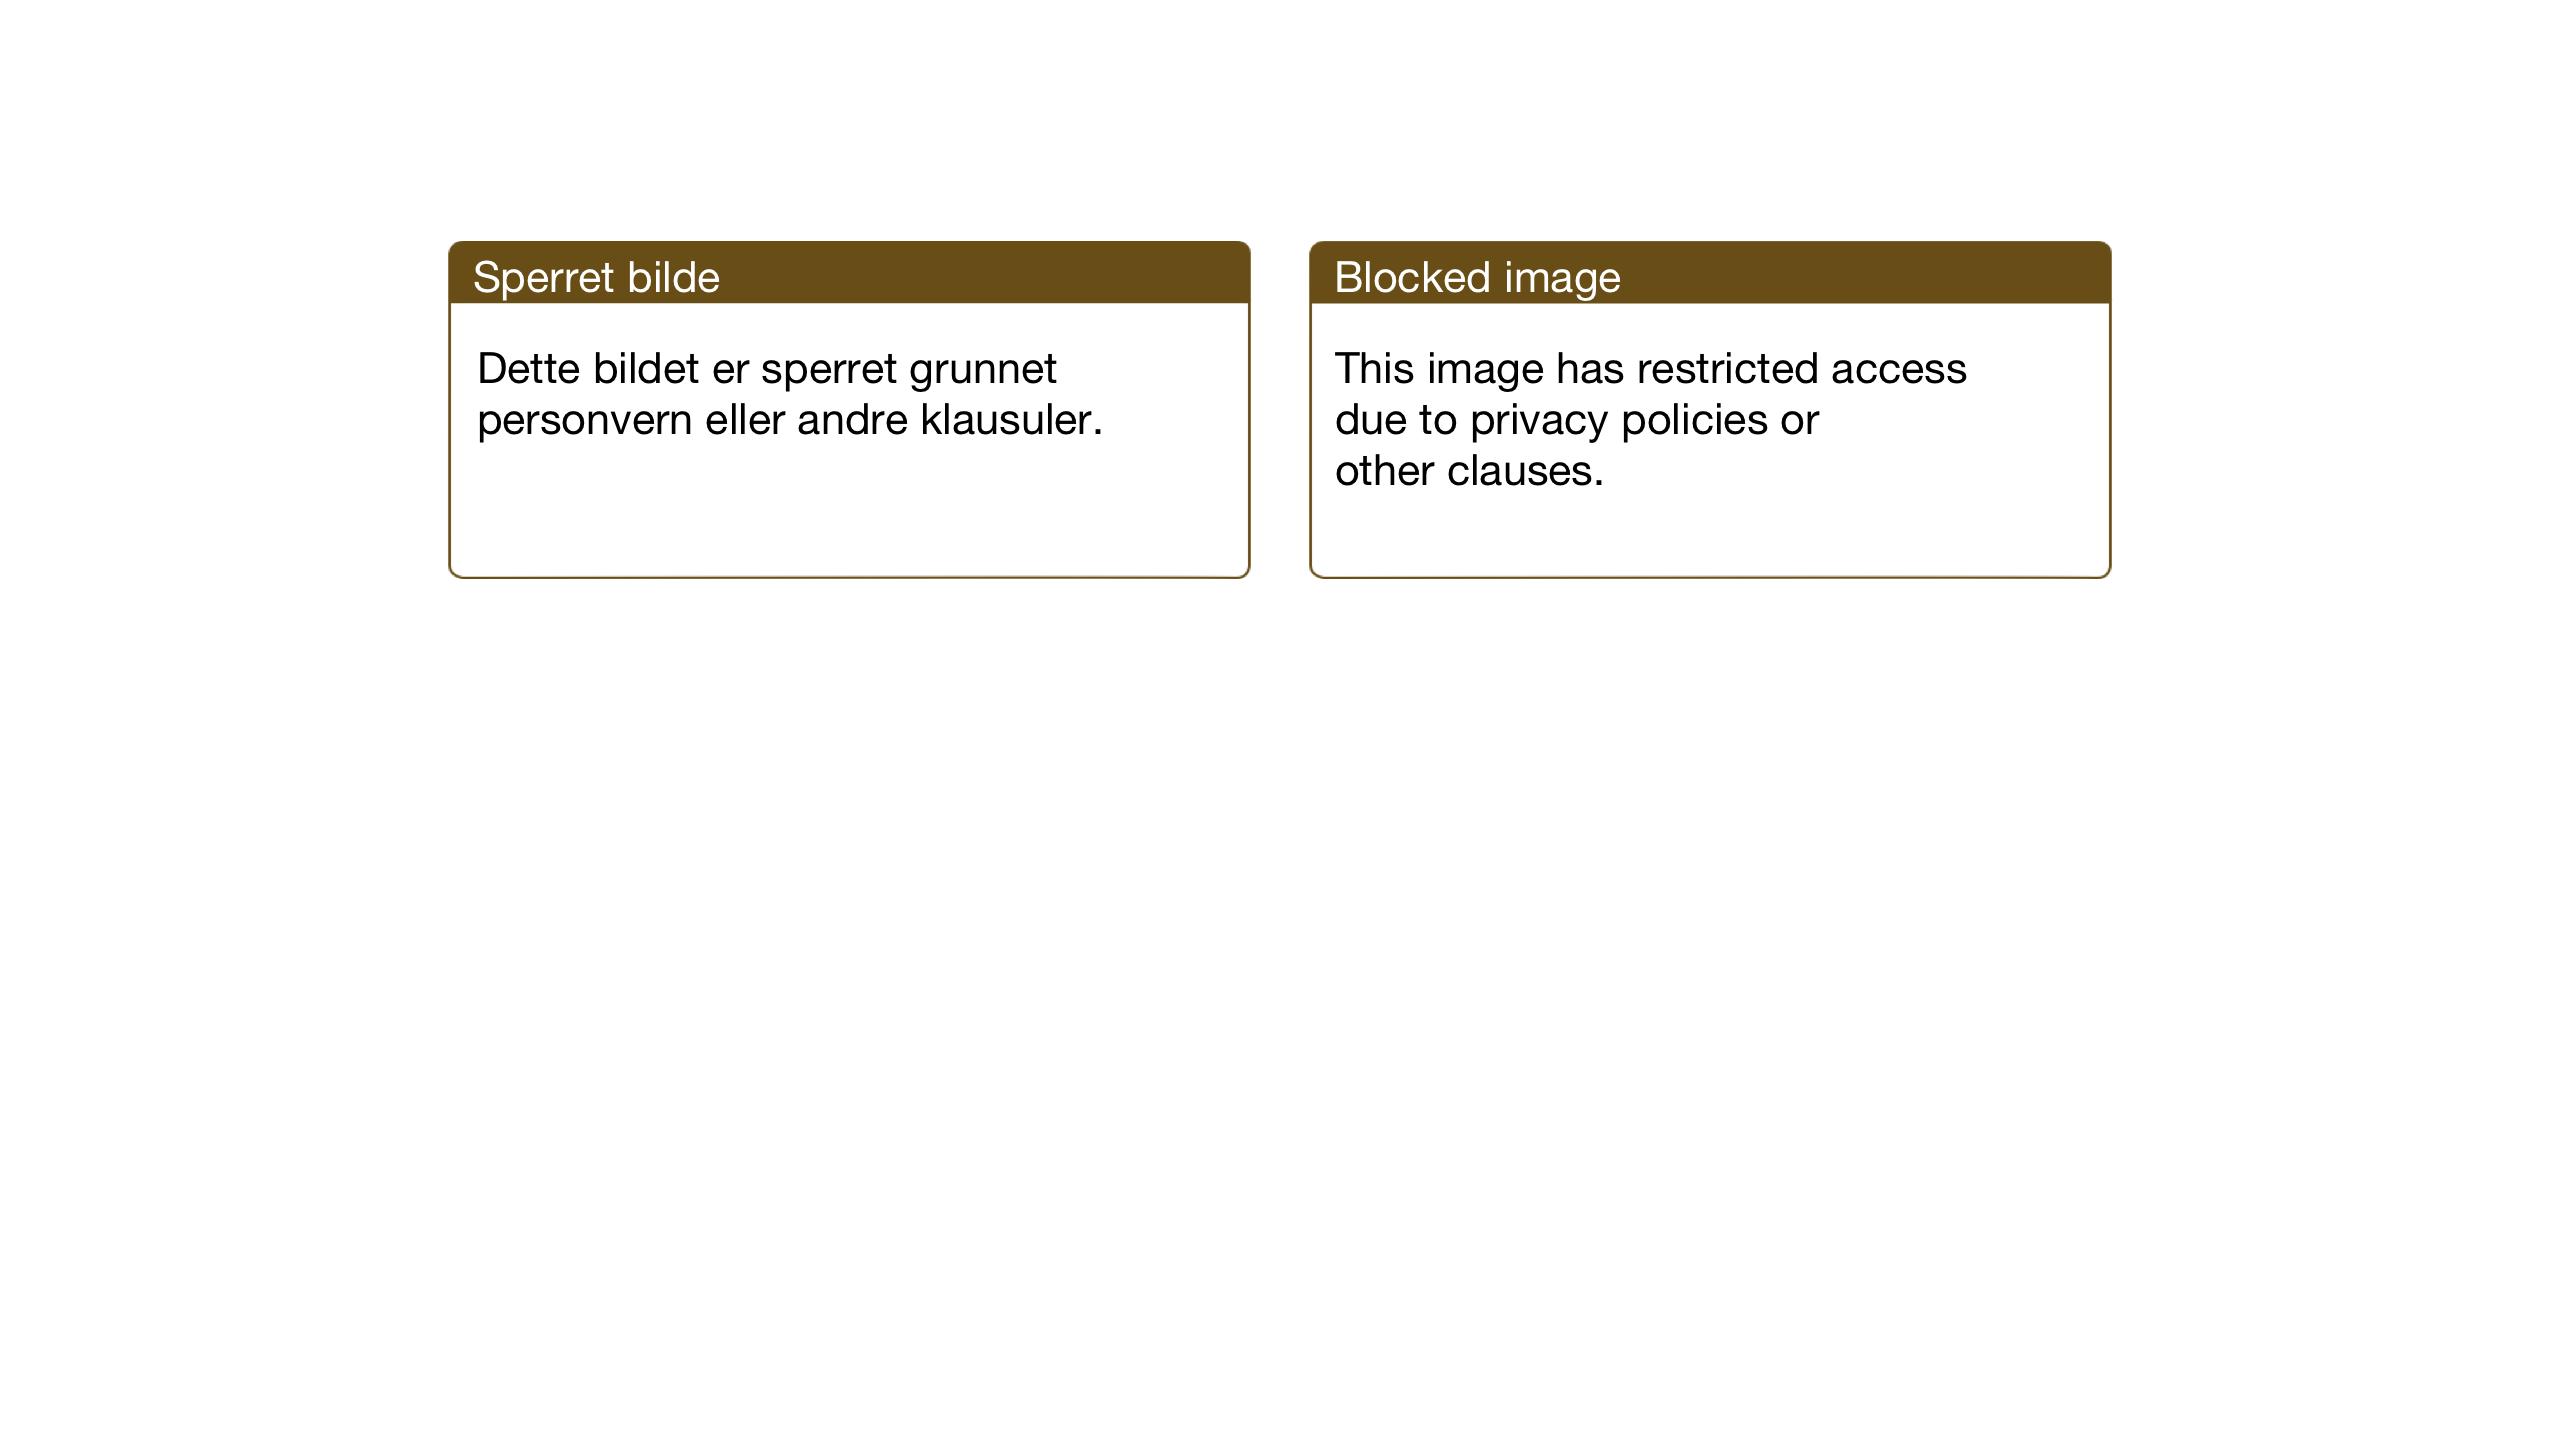 SAT, Ministerialprotokoller, klokkerbøker og fødselsregistre - Sør-Trøndelag, 681/L0944: Klokkerbok nr. 681C08, 1926-1954, s. 35